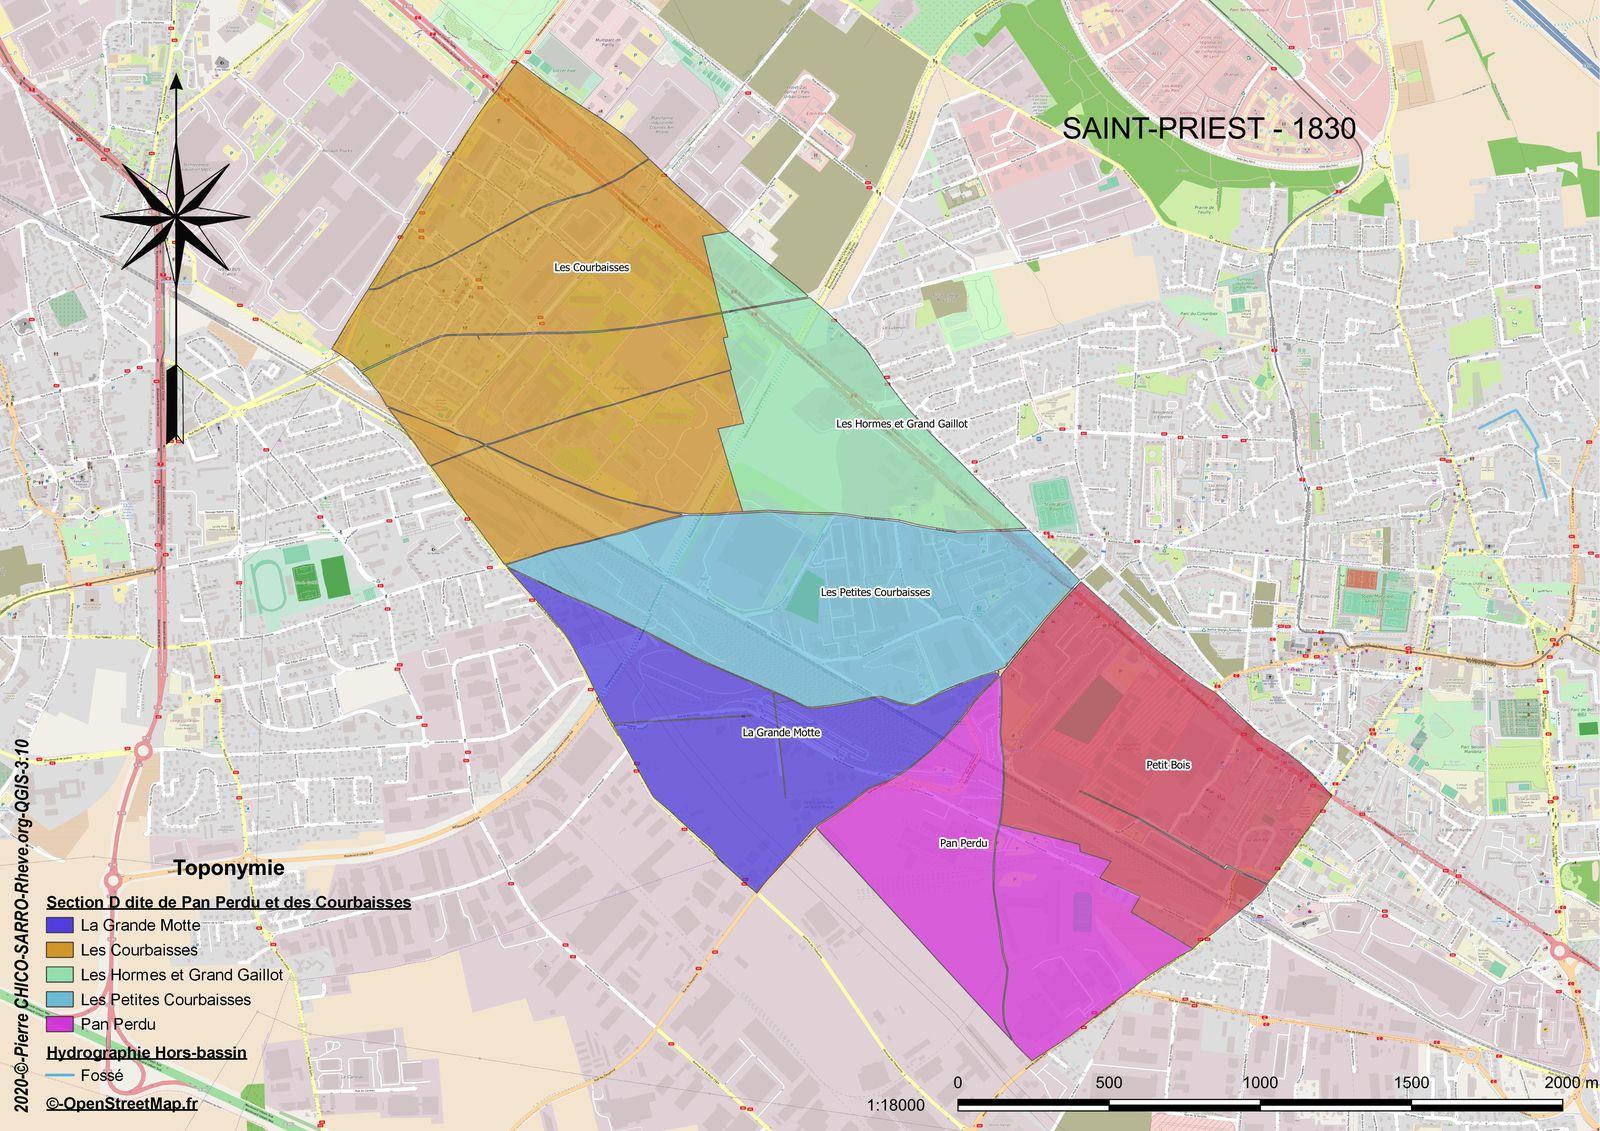 Distribution des toponymes dans la Section D dite de Pan Perdu et des Courbaisses à Saint-Priest en 1830